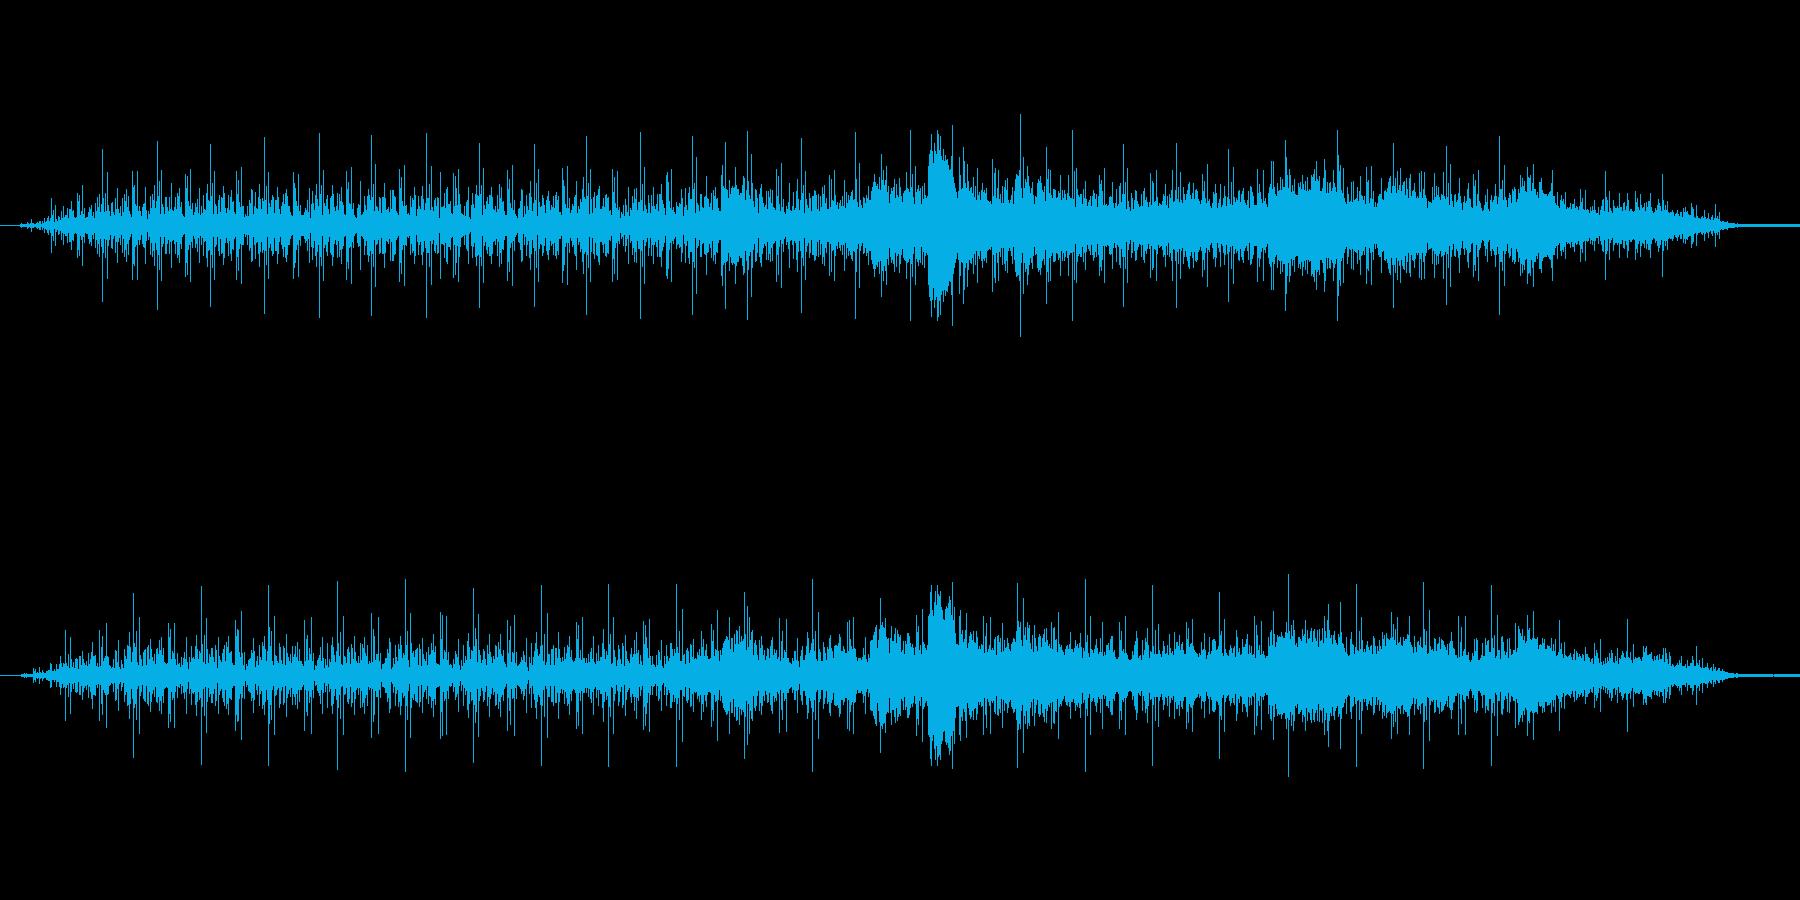 環境音(小川のせせらぎ → 雷雨が降る)の再生済みの波形